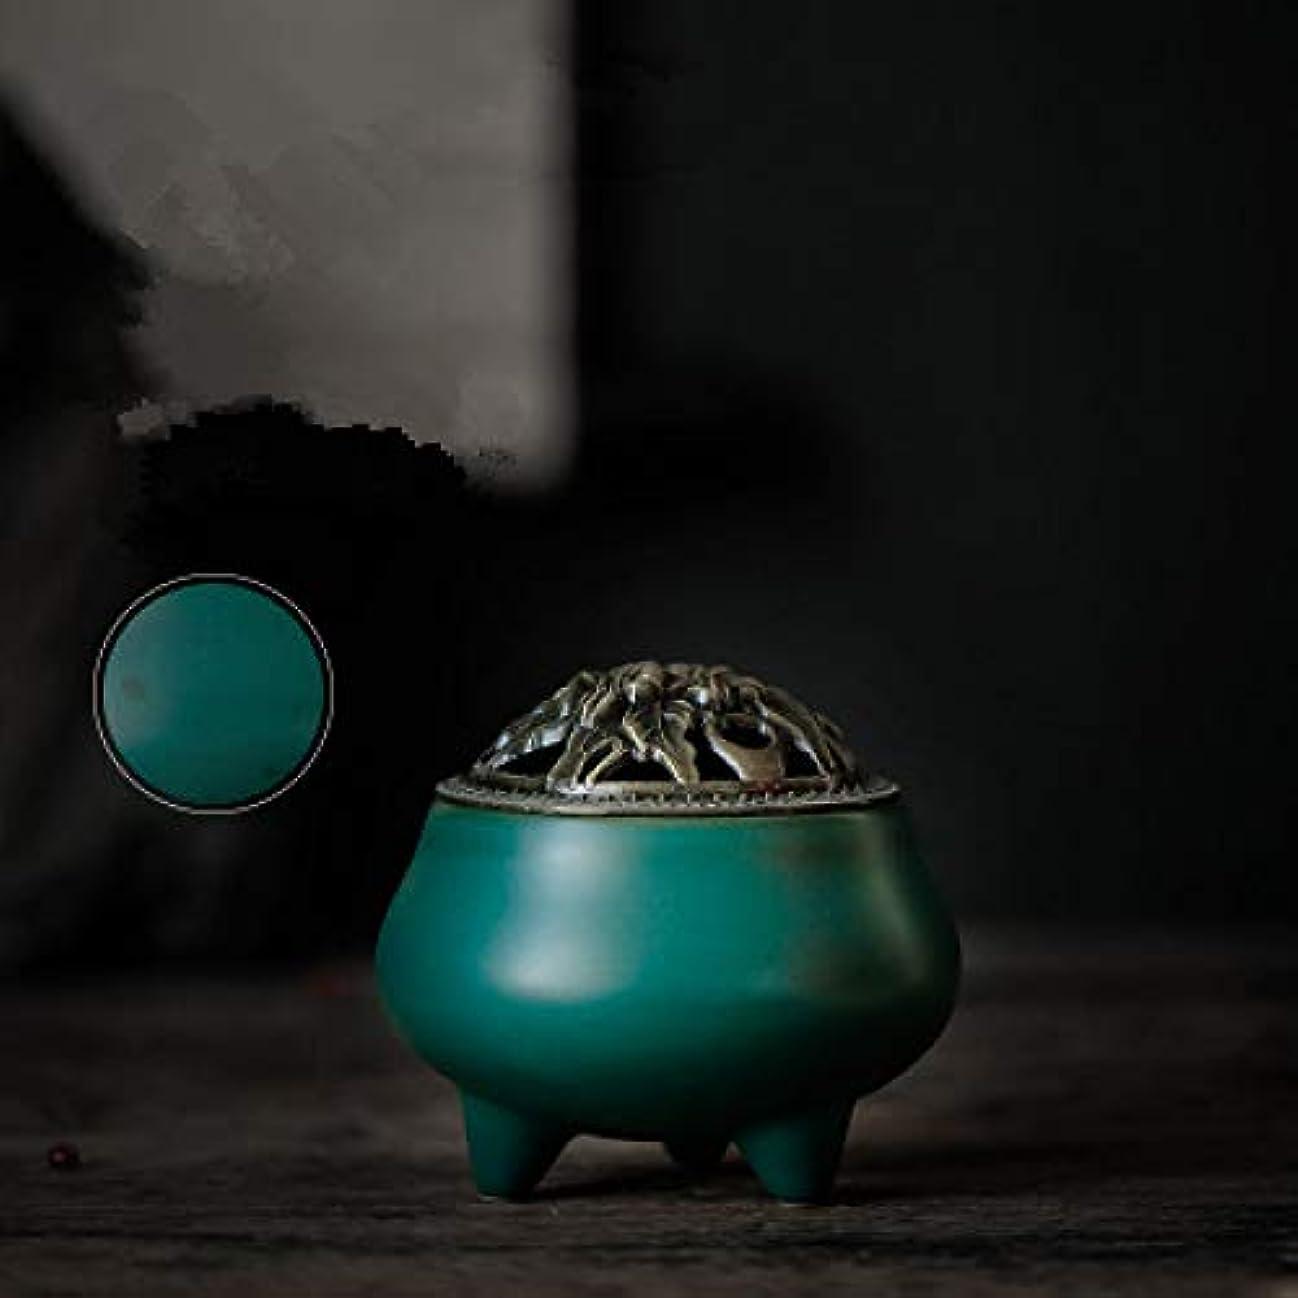 キモい検査官実質的にレトロスタイルの滝香炉逆流香炉バーナーポットチベット金翔仏教10 * 9センチ